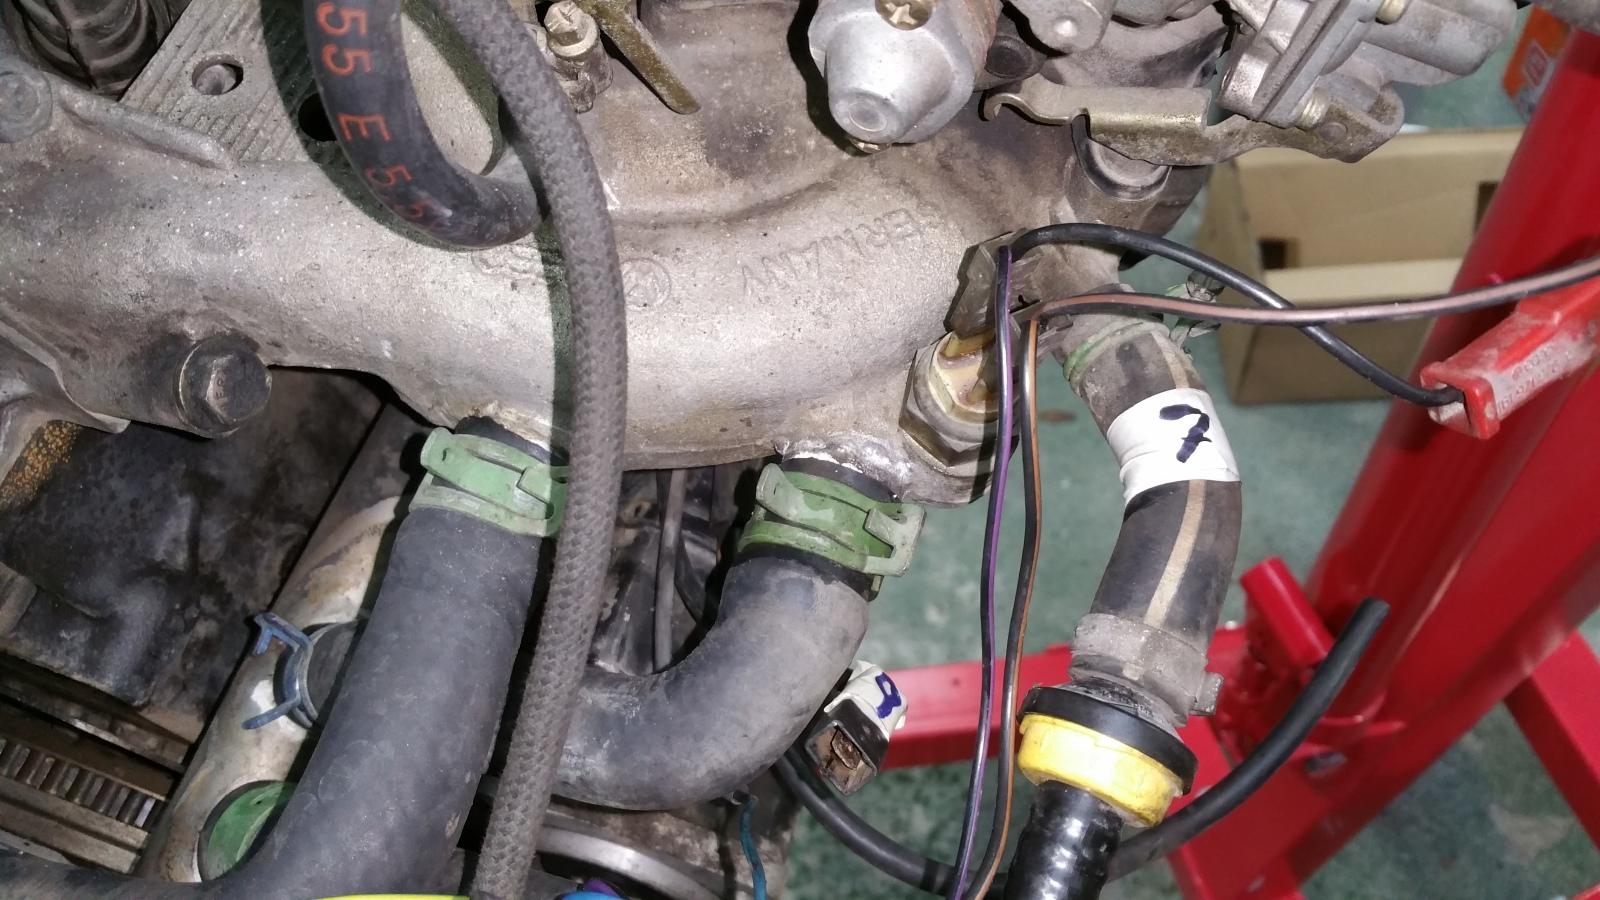 Duda cambio motor Gk 334nhjb